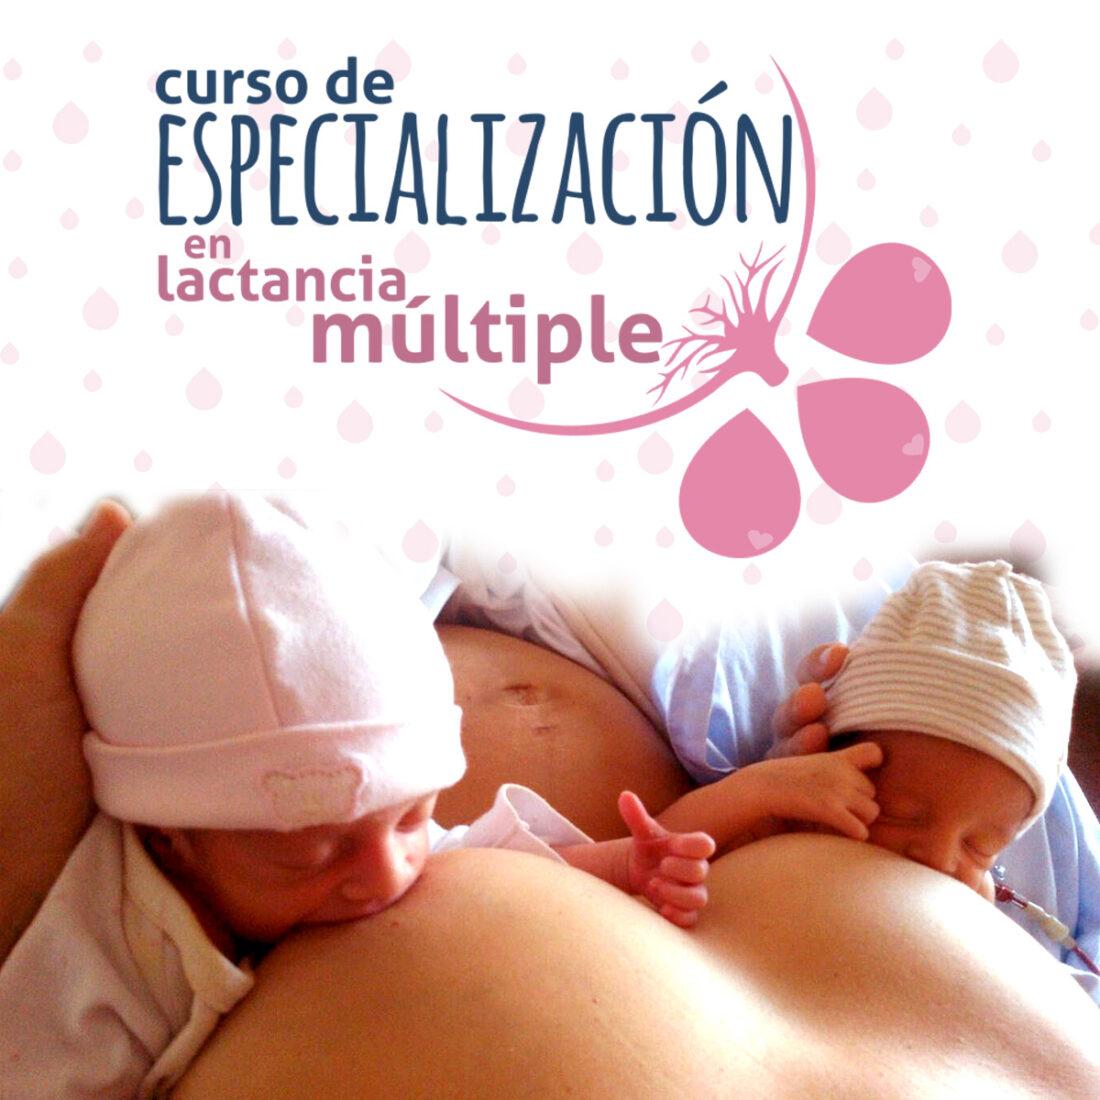 Curso de Especialización en Lactancia Materna en Múltiples